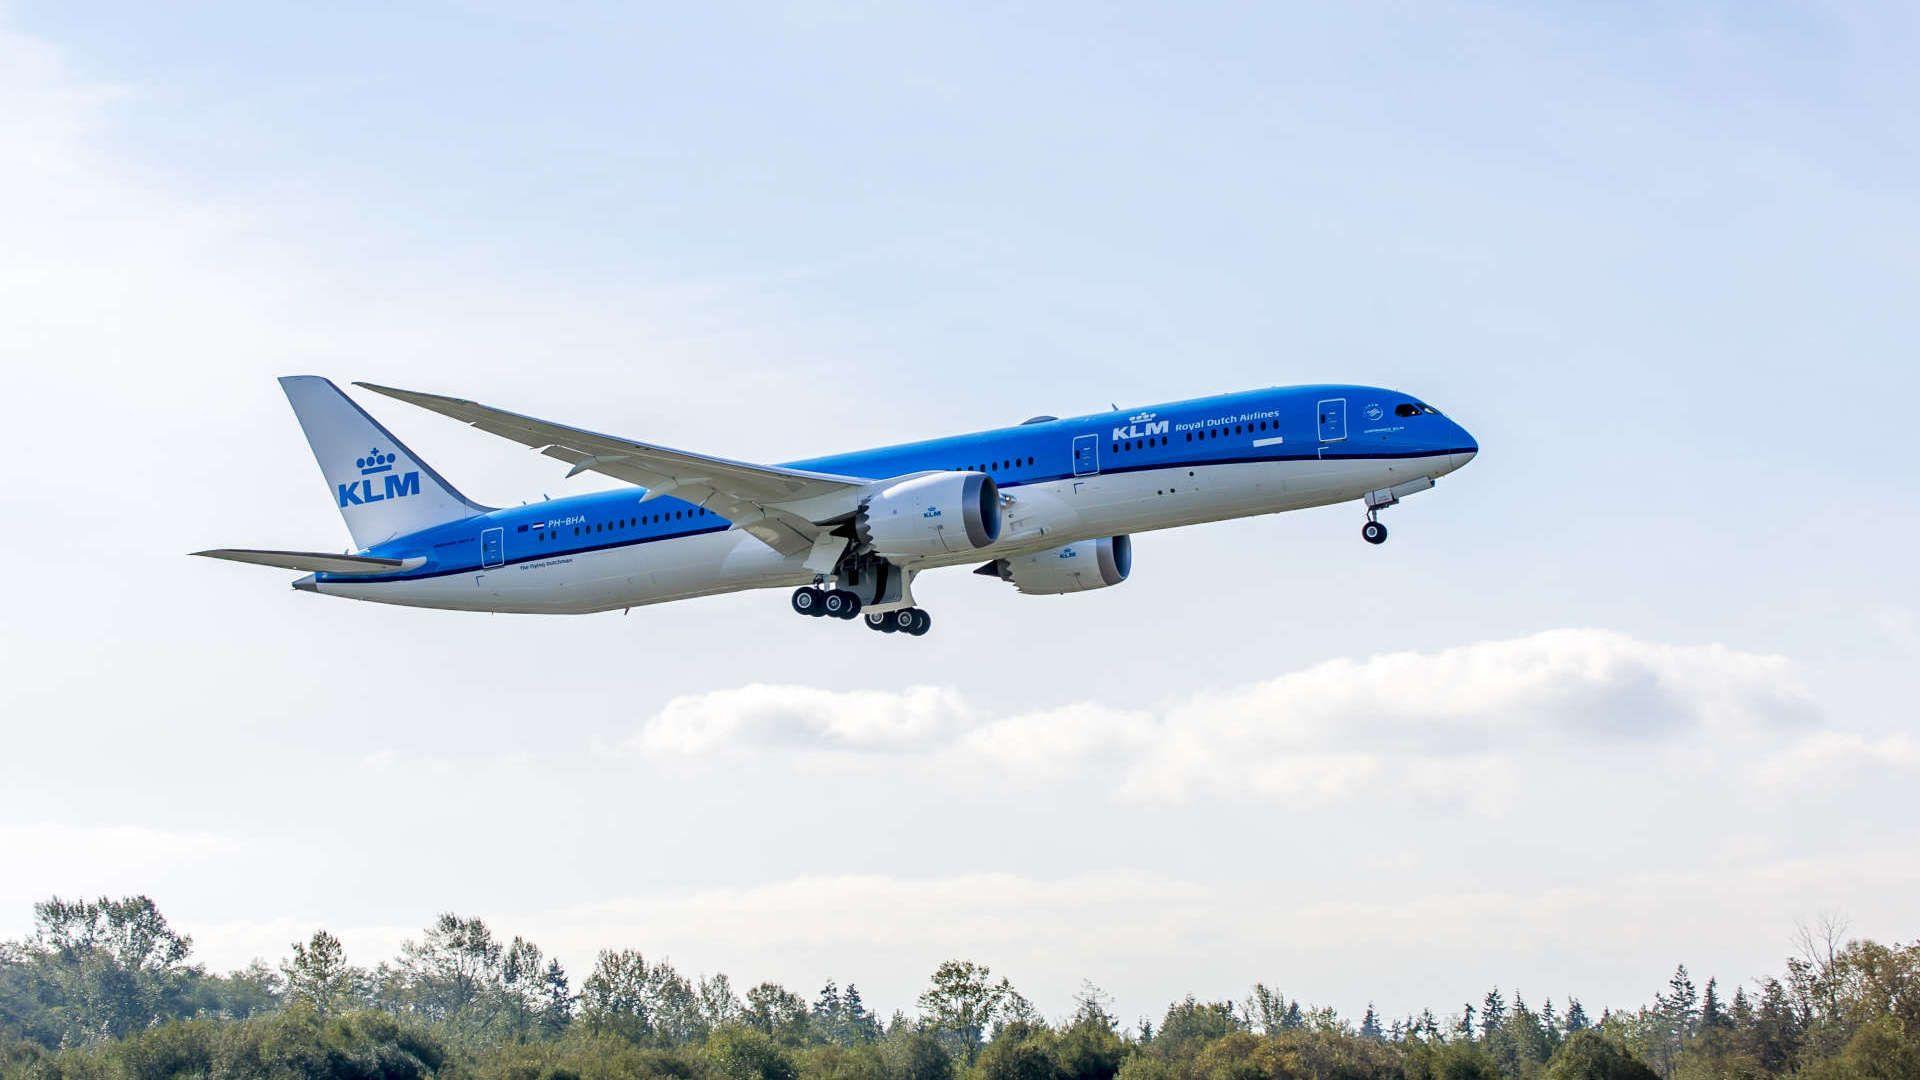 Assembling the Boeing 787 Dreamliner Boeing 787 dreamliner